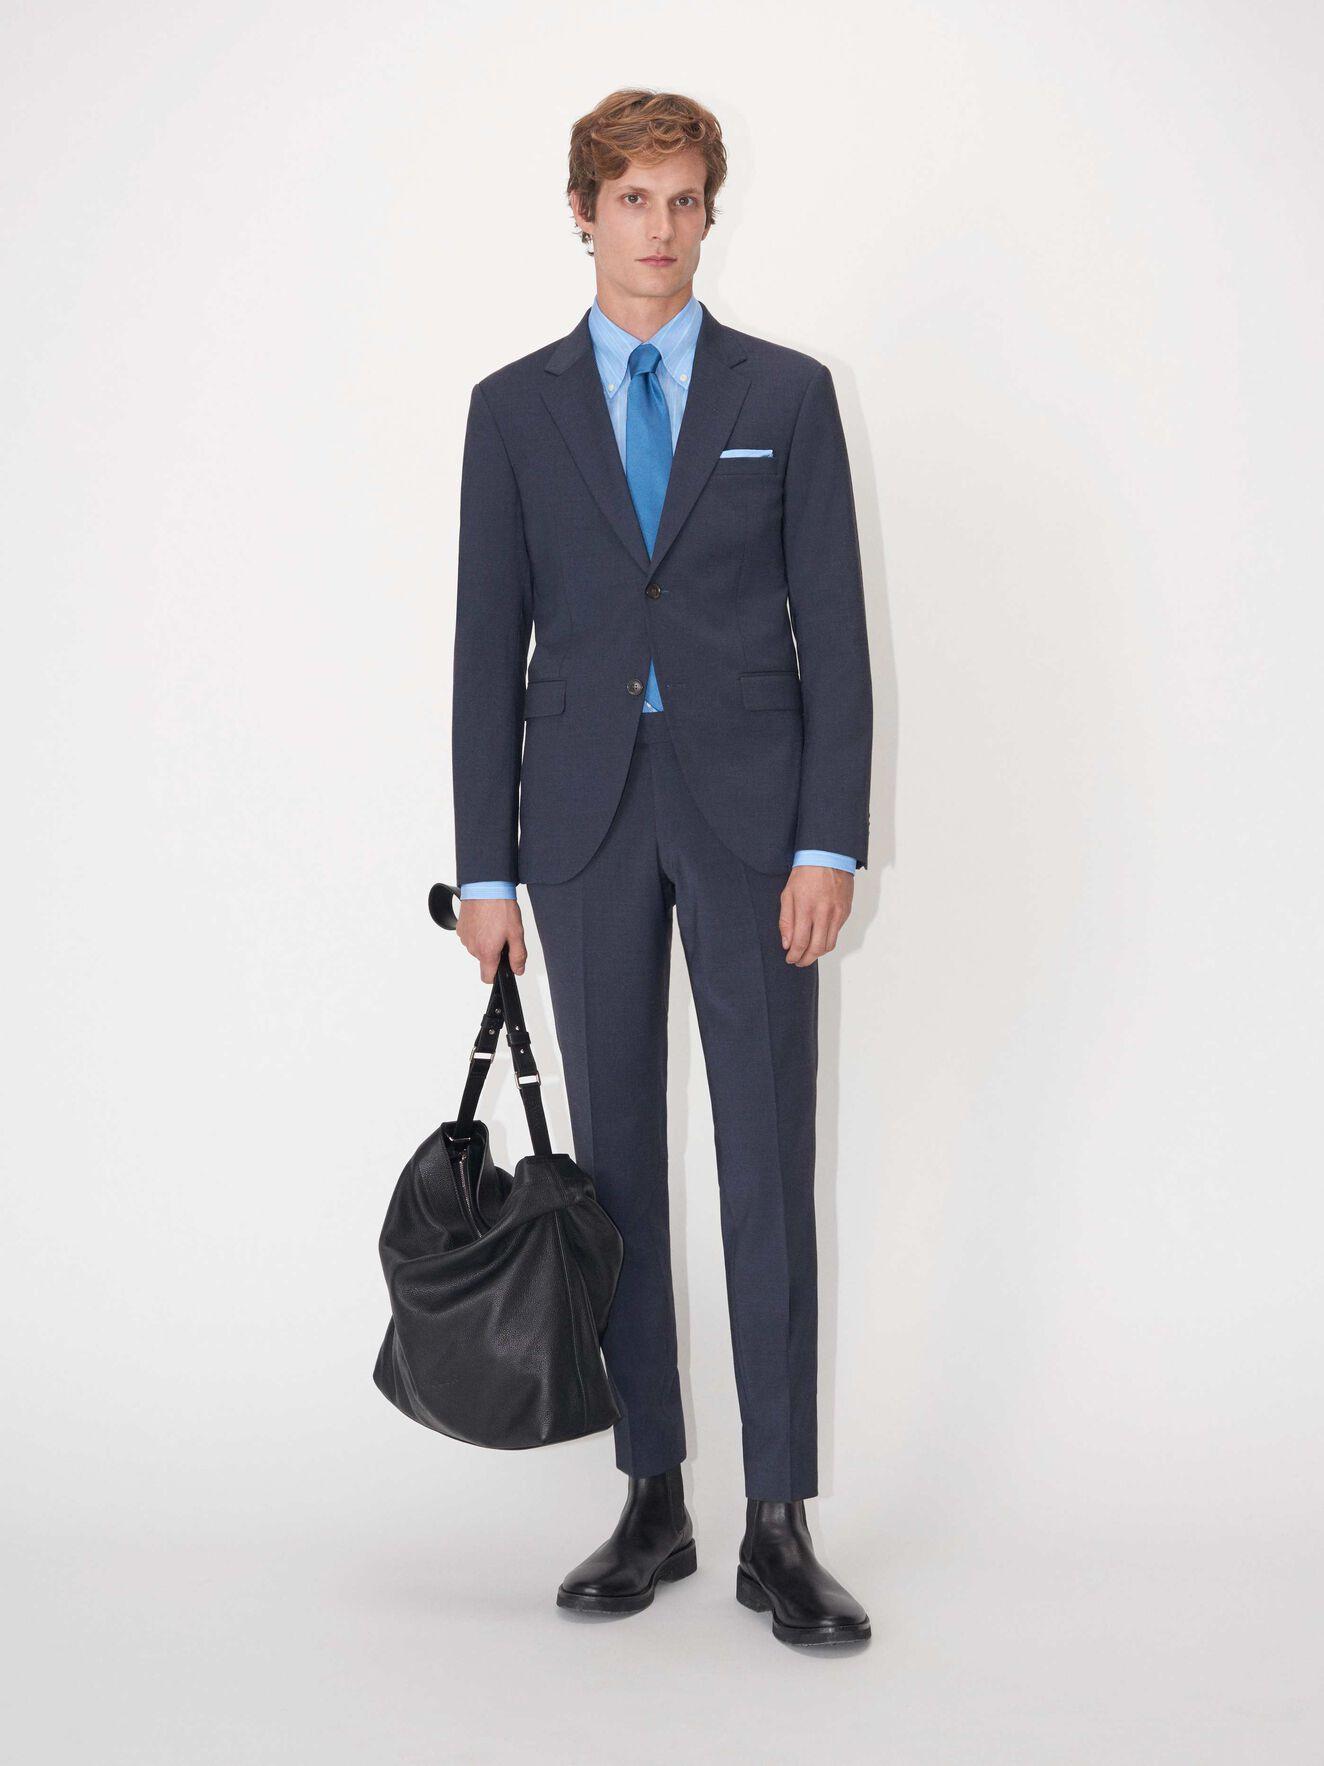 fa5f2cbd6ede Abbigliamento - Acquista abbigliamento firmato da uomo online su ...